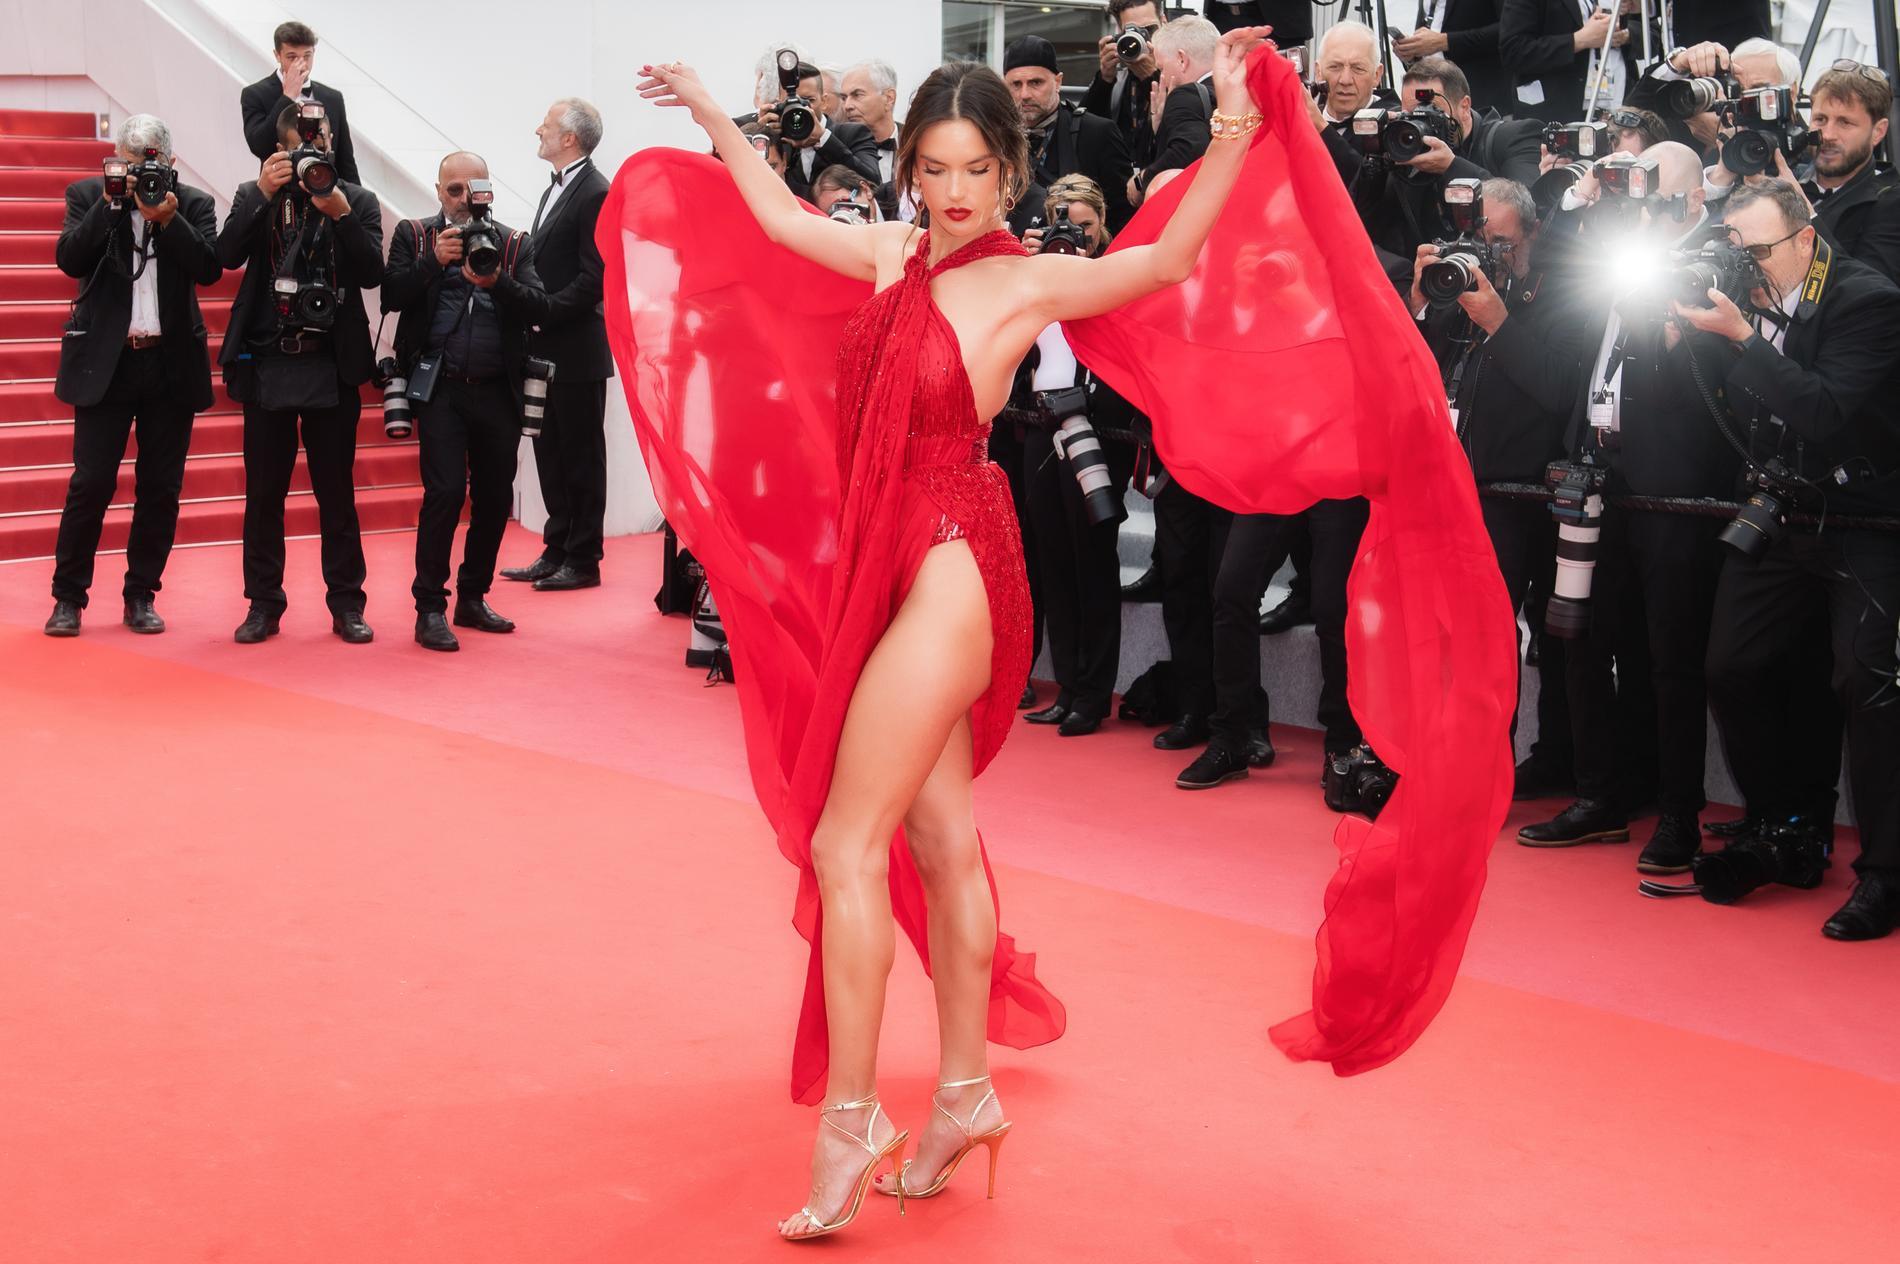 жена красное платье стриптиз когда